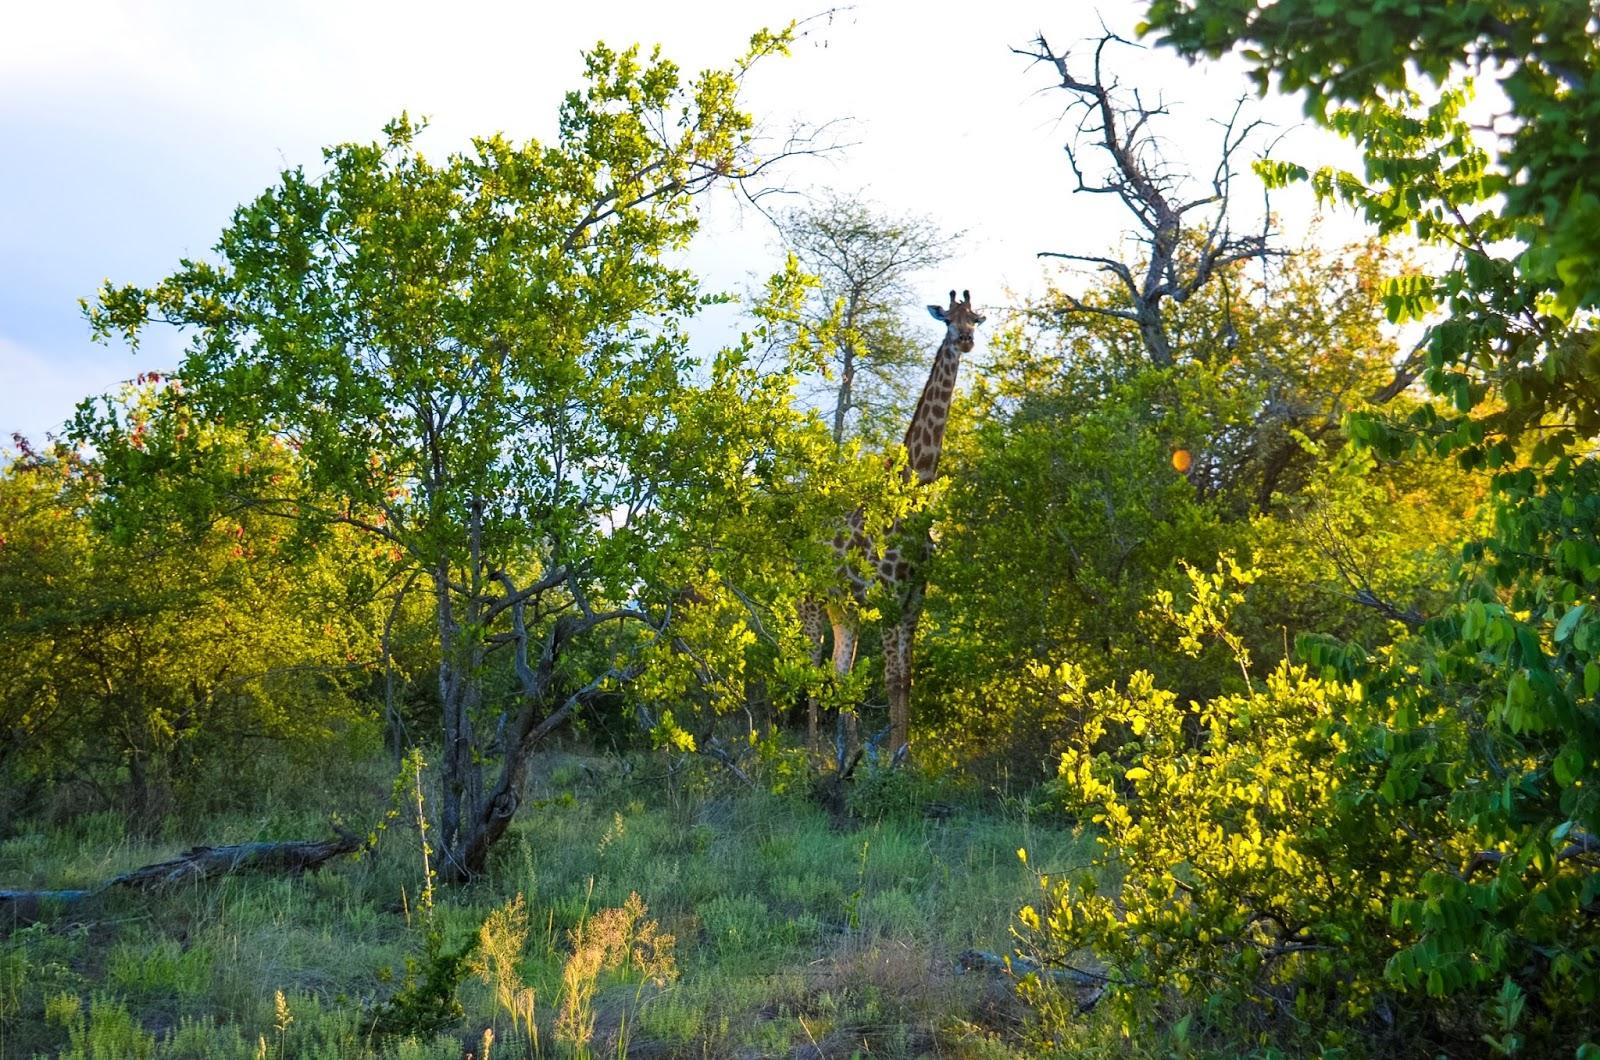 giraffe in greater kruger national park